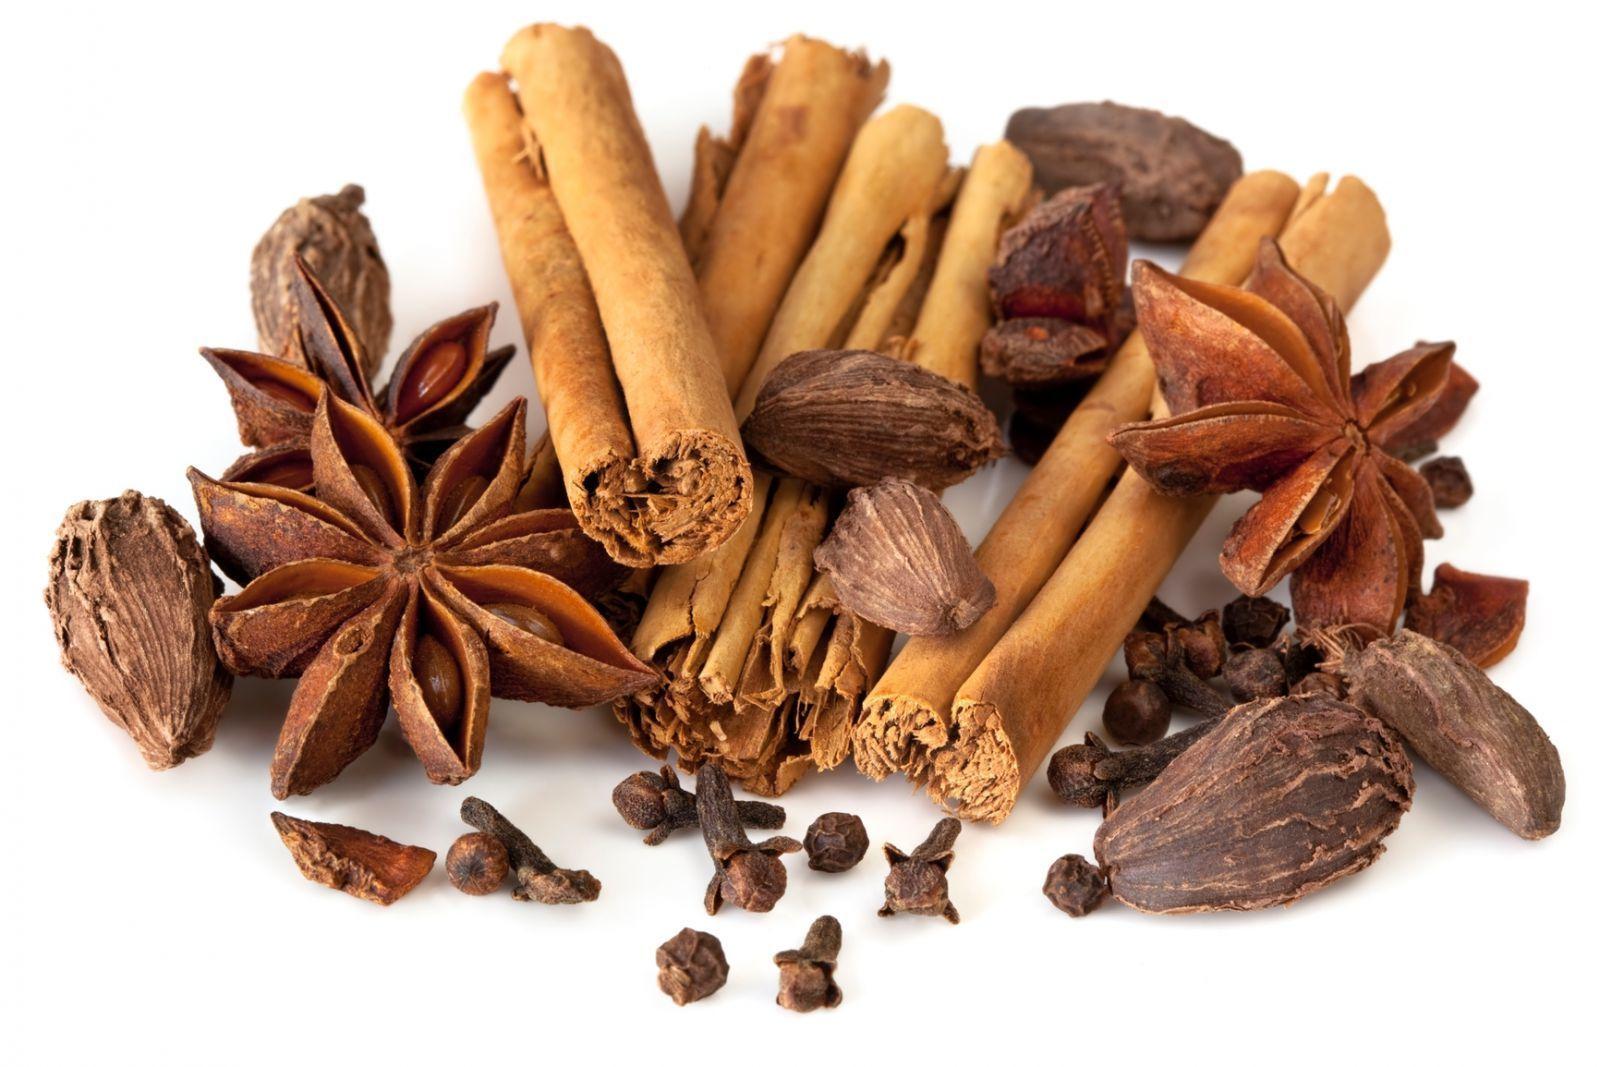 Специи для добавления в раствор ванили (гвоздика, корица, бадьян)